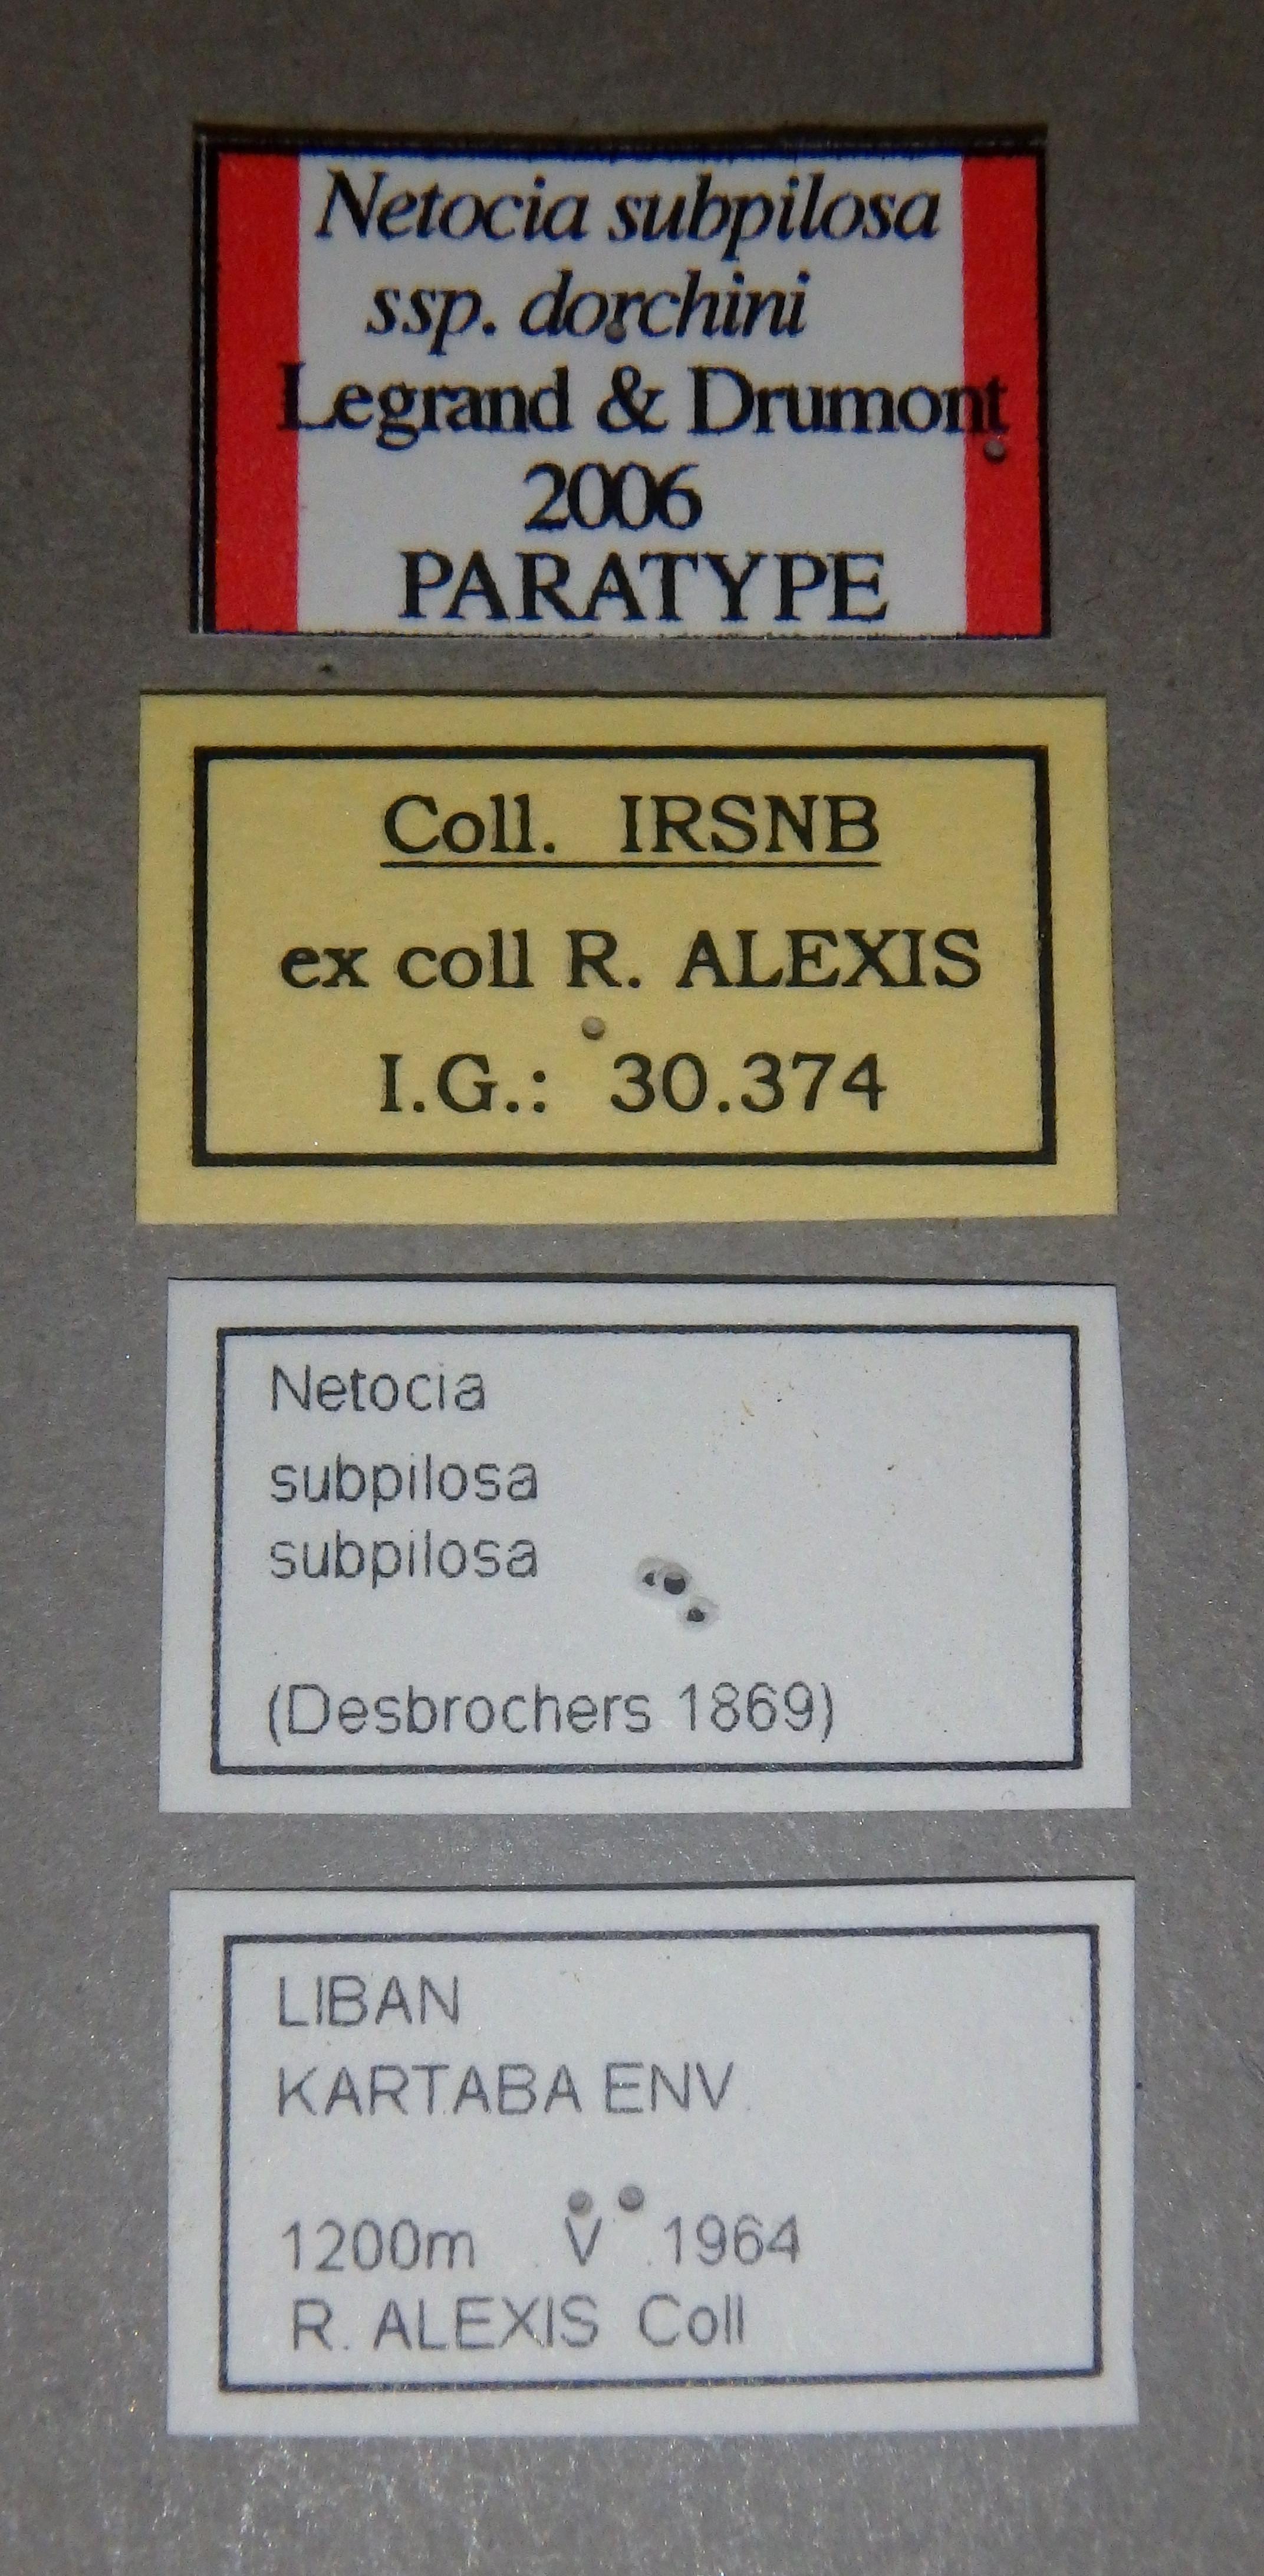 Netocia subpilosa dorchini pt2 Lb.JPG